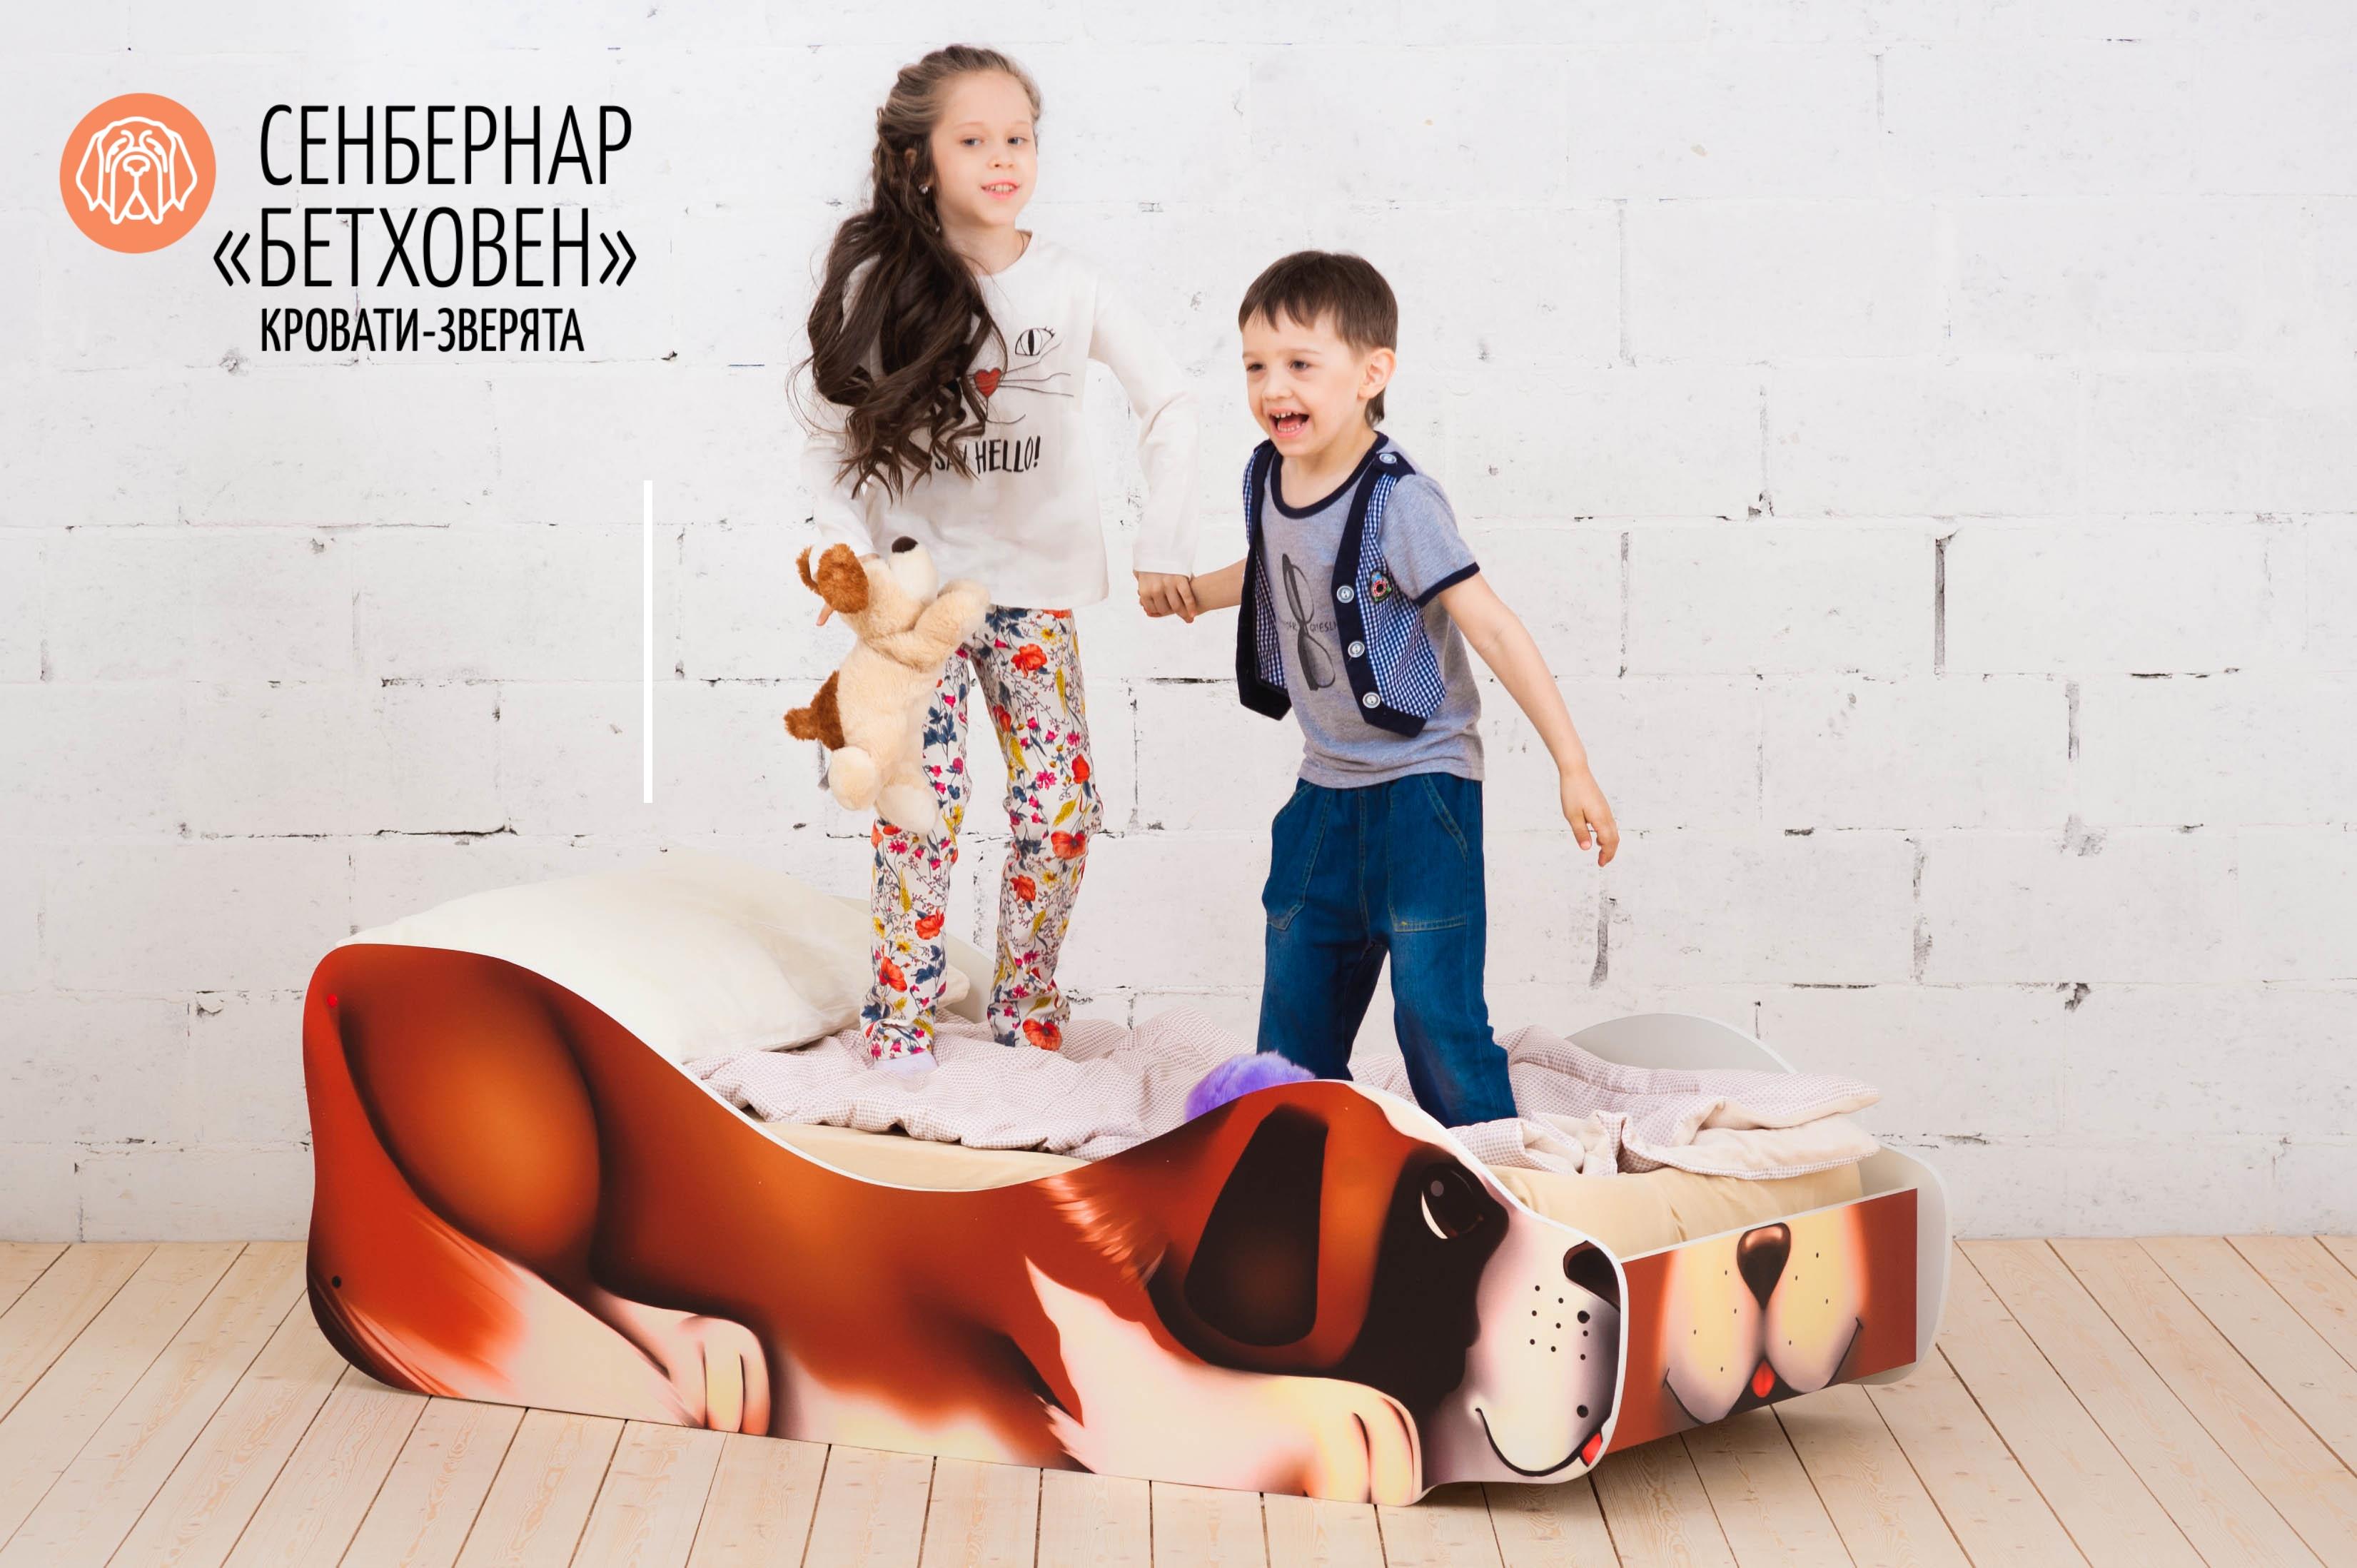 Детская кровать-зверенок -Сенбернар- Бетховен-13